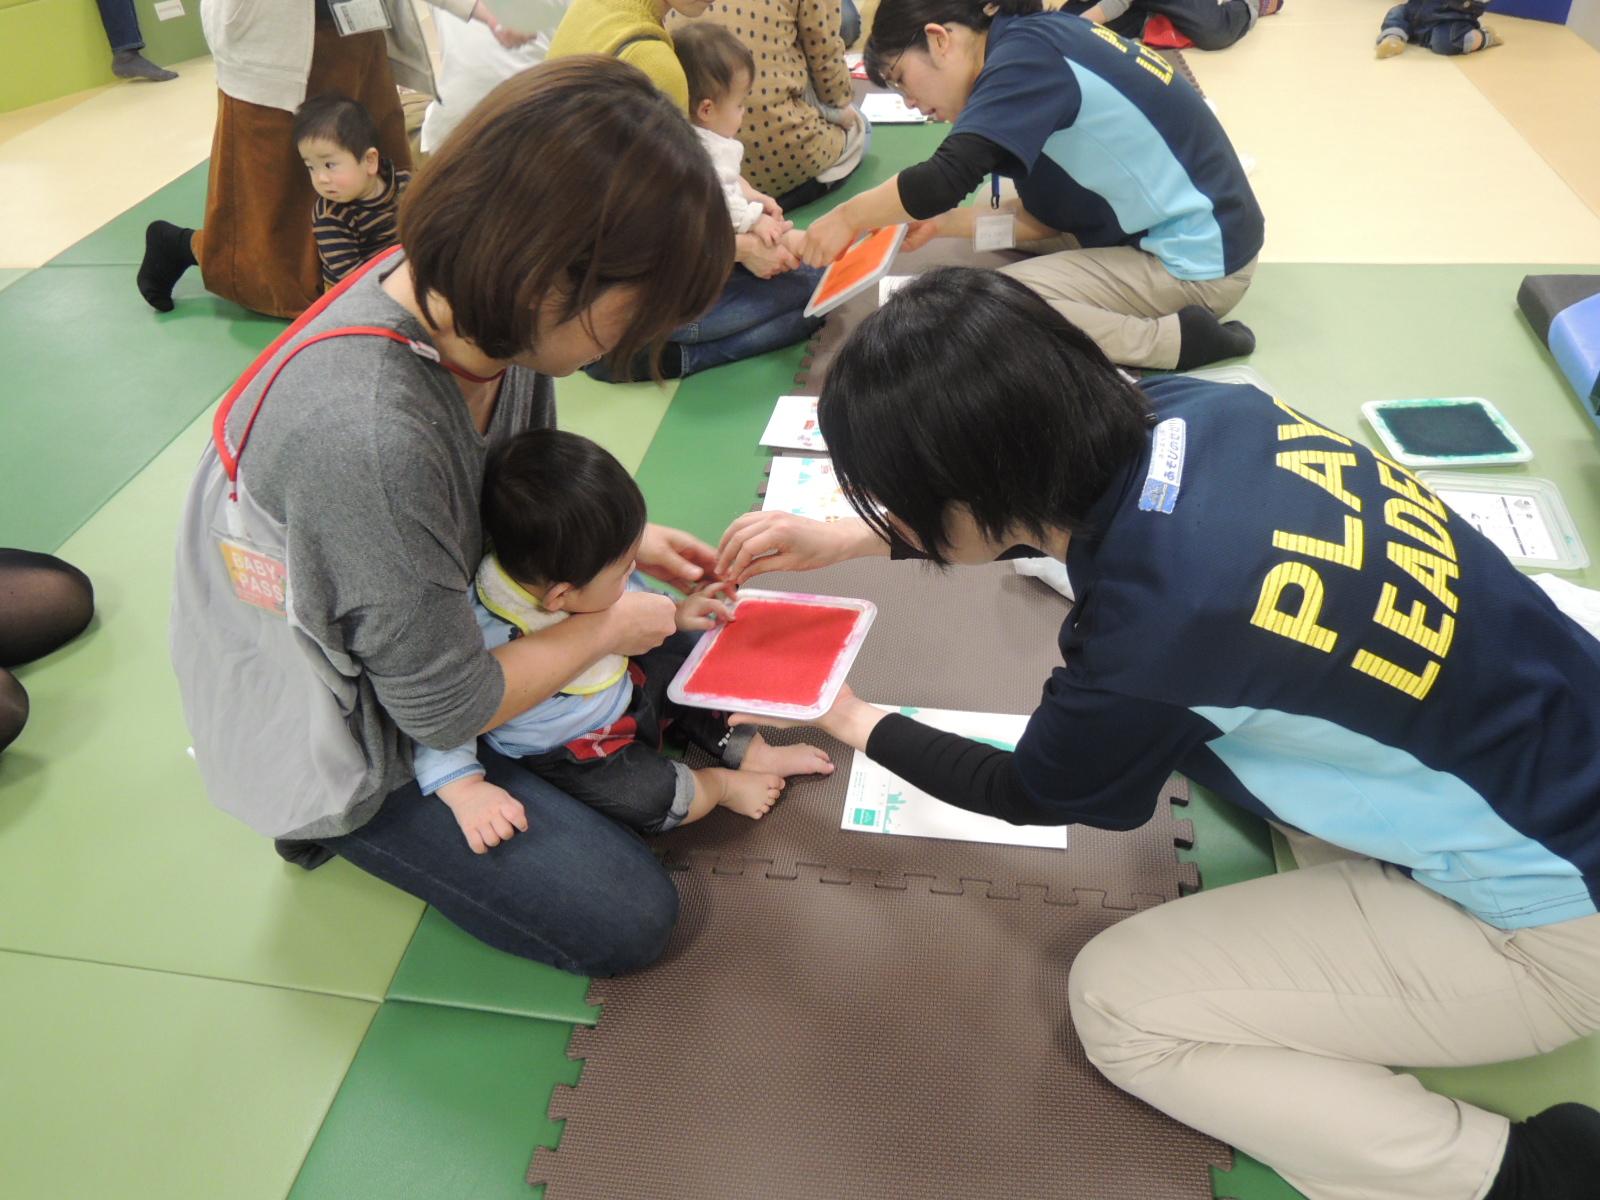 【火・木よう開催!赤ちゃんの日イベント】9/25(火)手形あそび